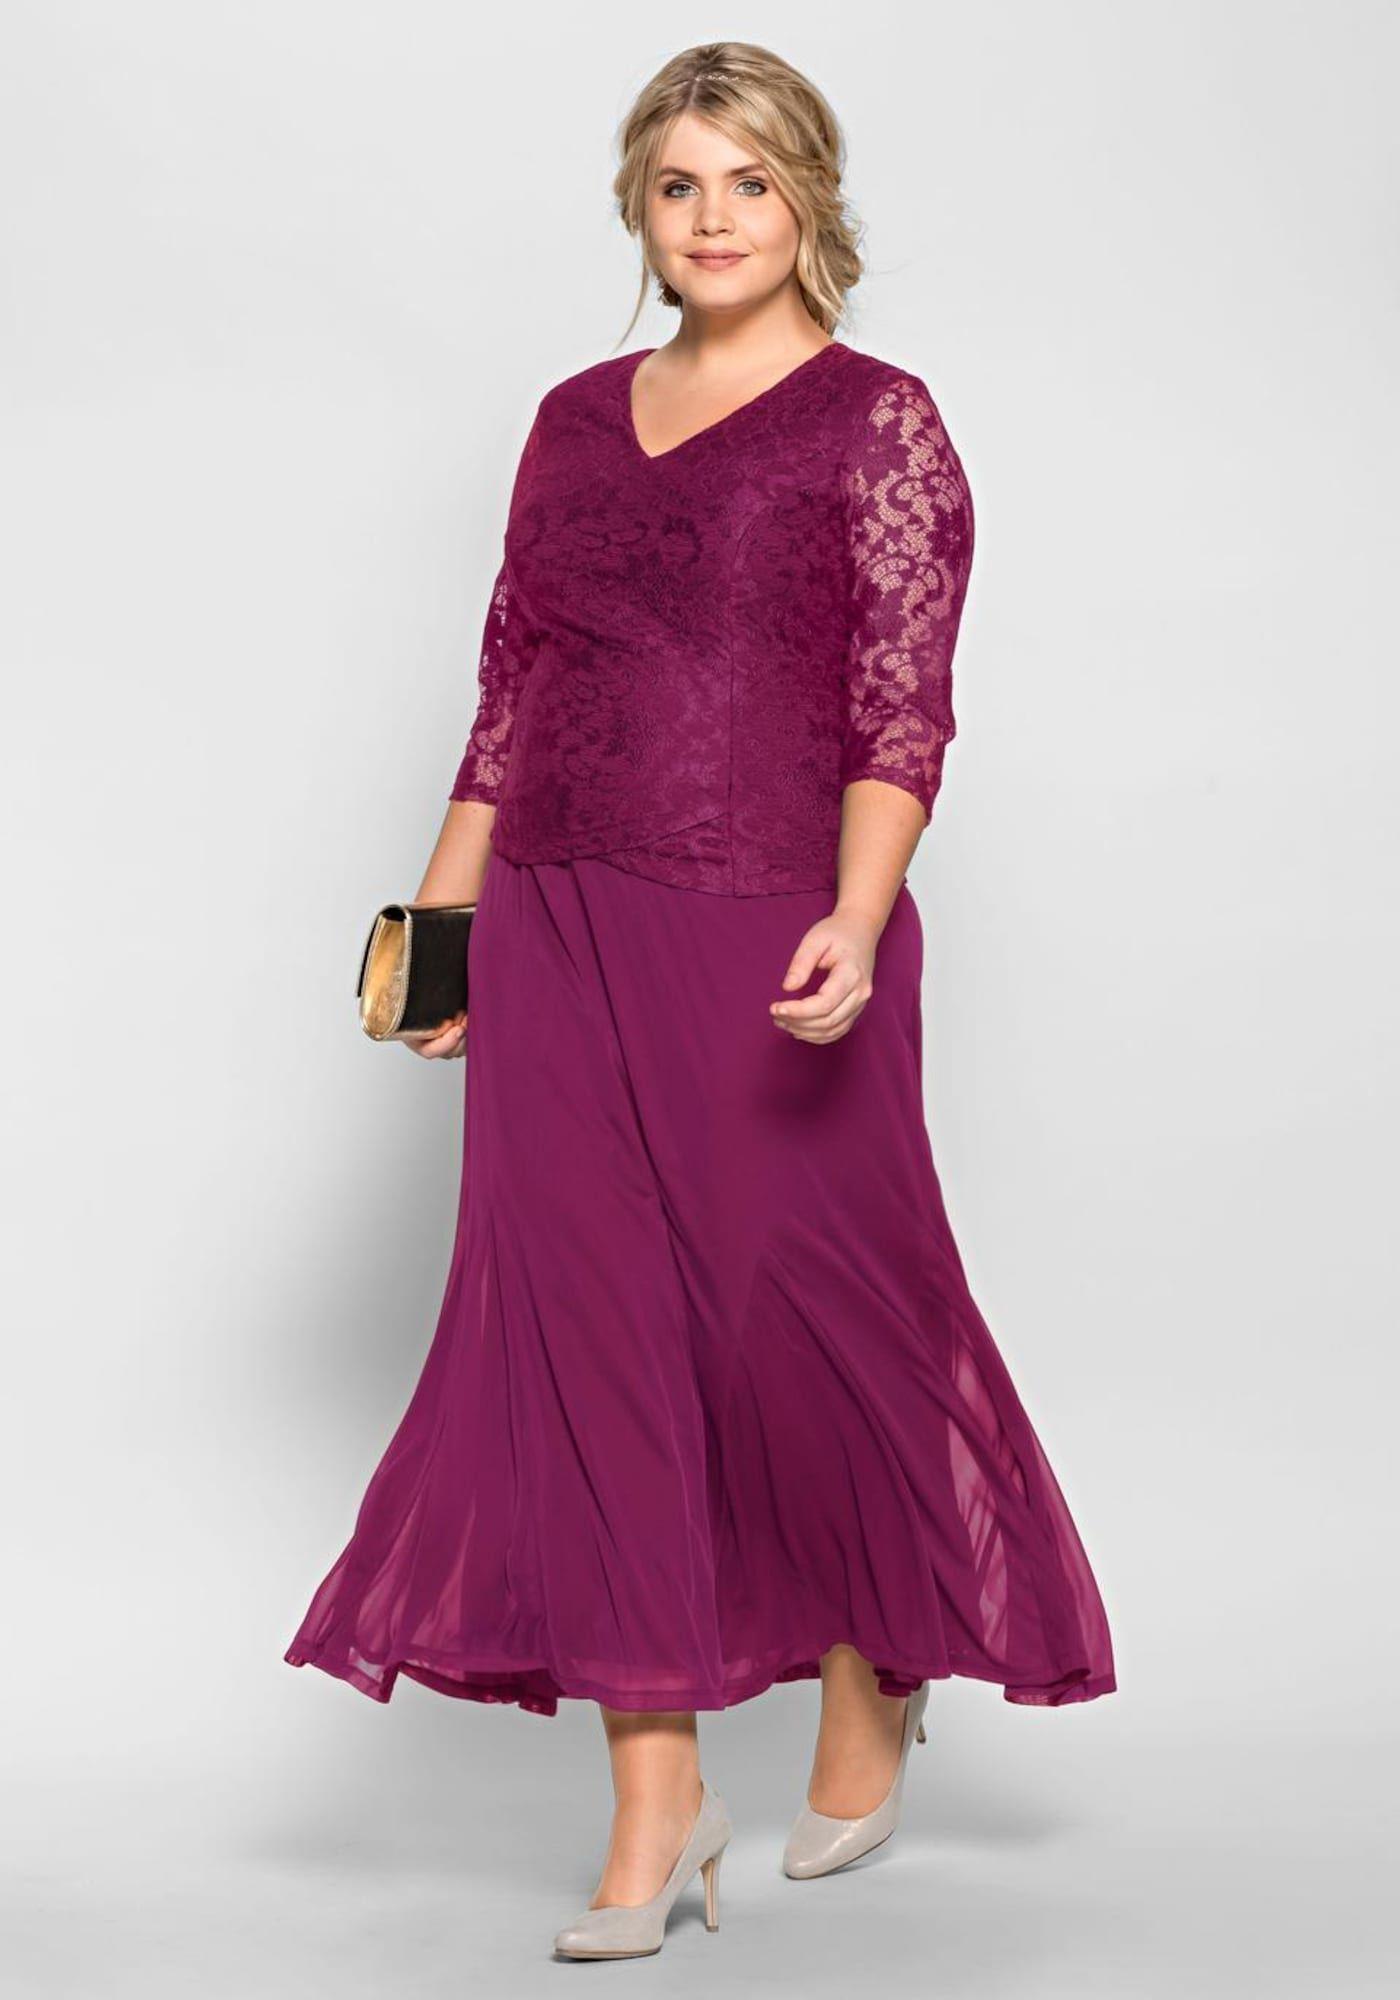 SHEEGO Kleid Damen, Beere, Größe 19  Kleidung brautmutter, Kleid